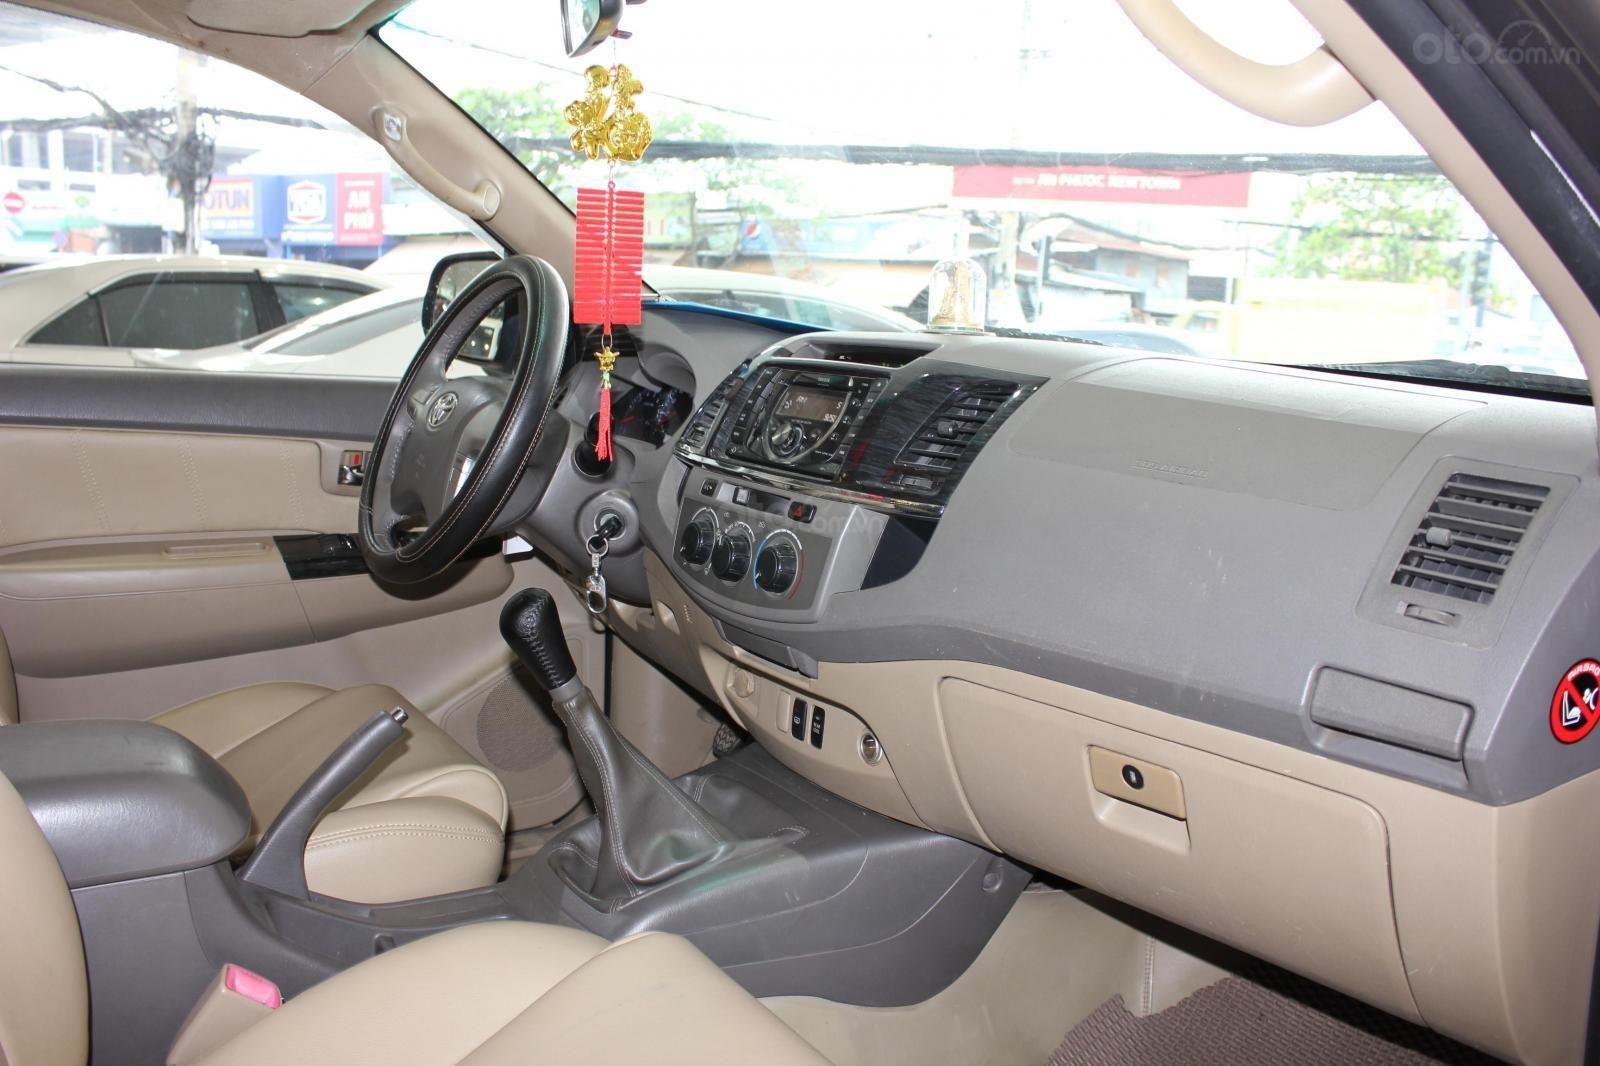 Bán xe Toyota Fortuner 2.5G MT đời 2012, máy dầu, màu đen, biển SG, xe đẹp (12)